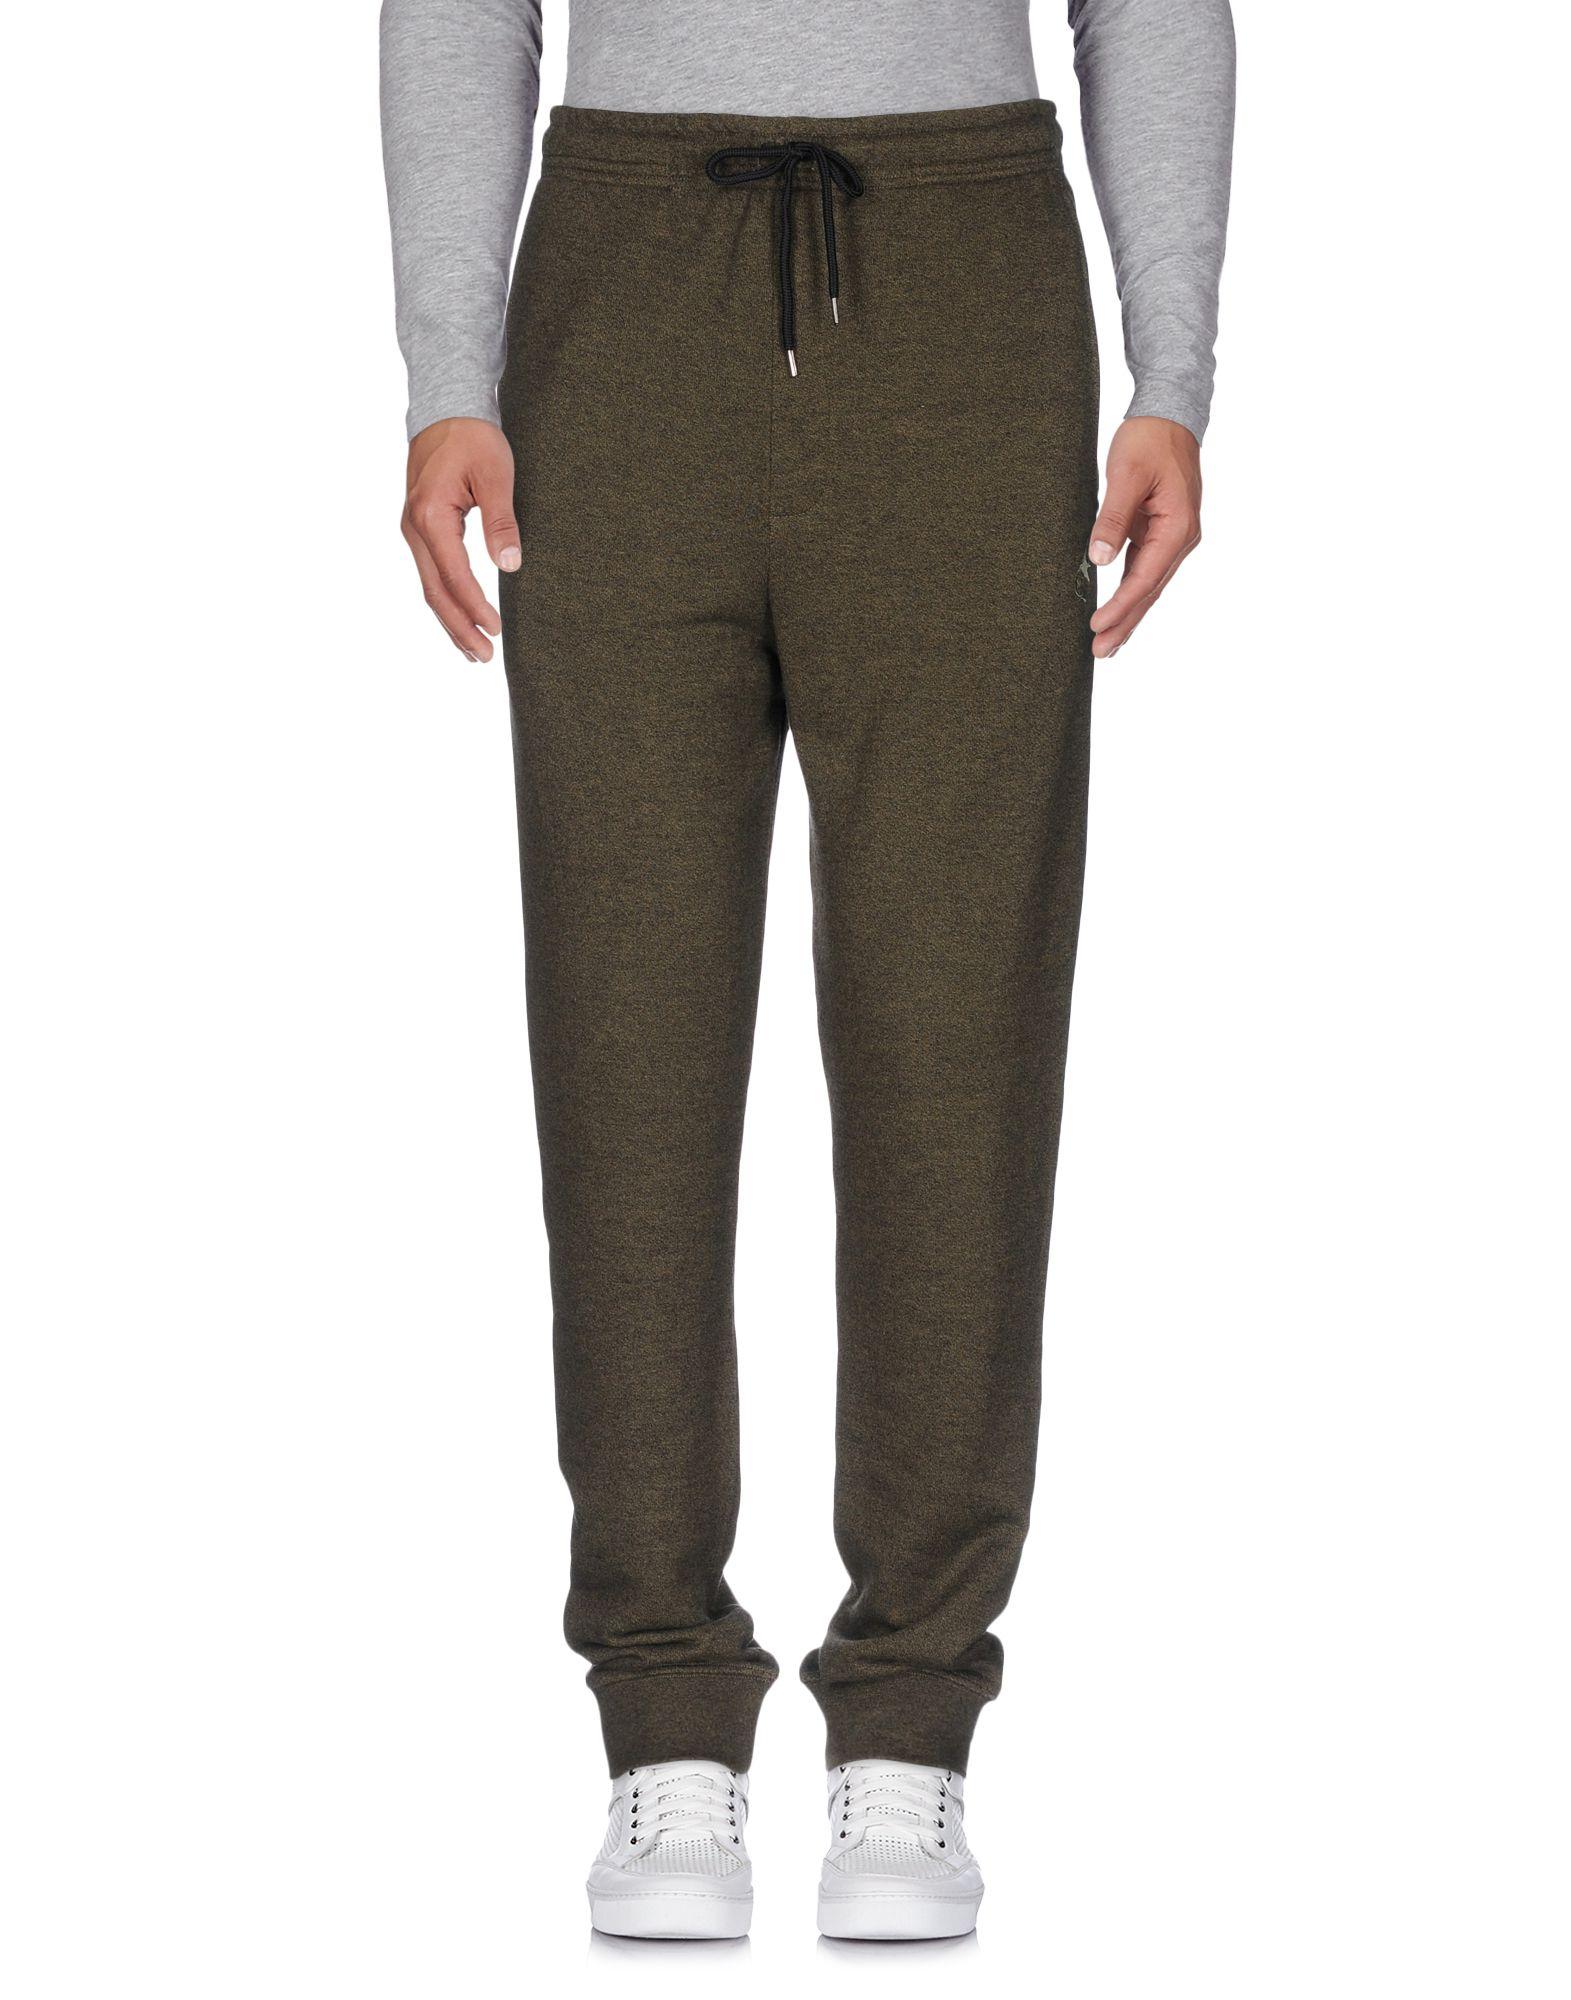 McQ Alexander McQueen Повседневные брюки спортивные брюки mcq alexander mcqueen брюки с карманами